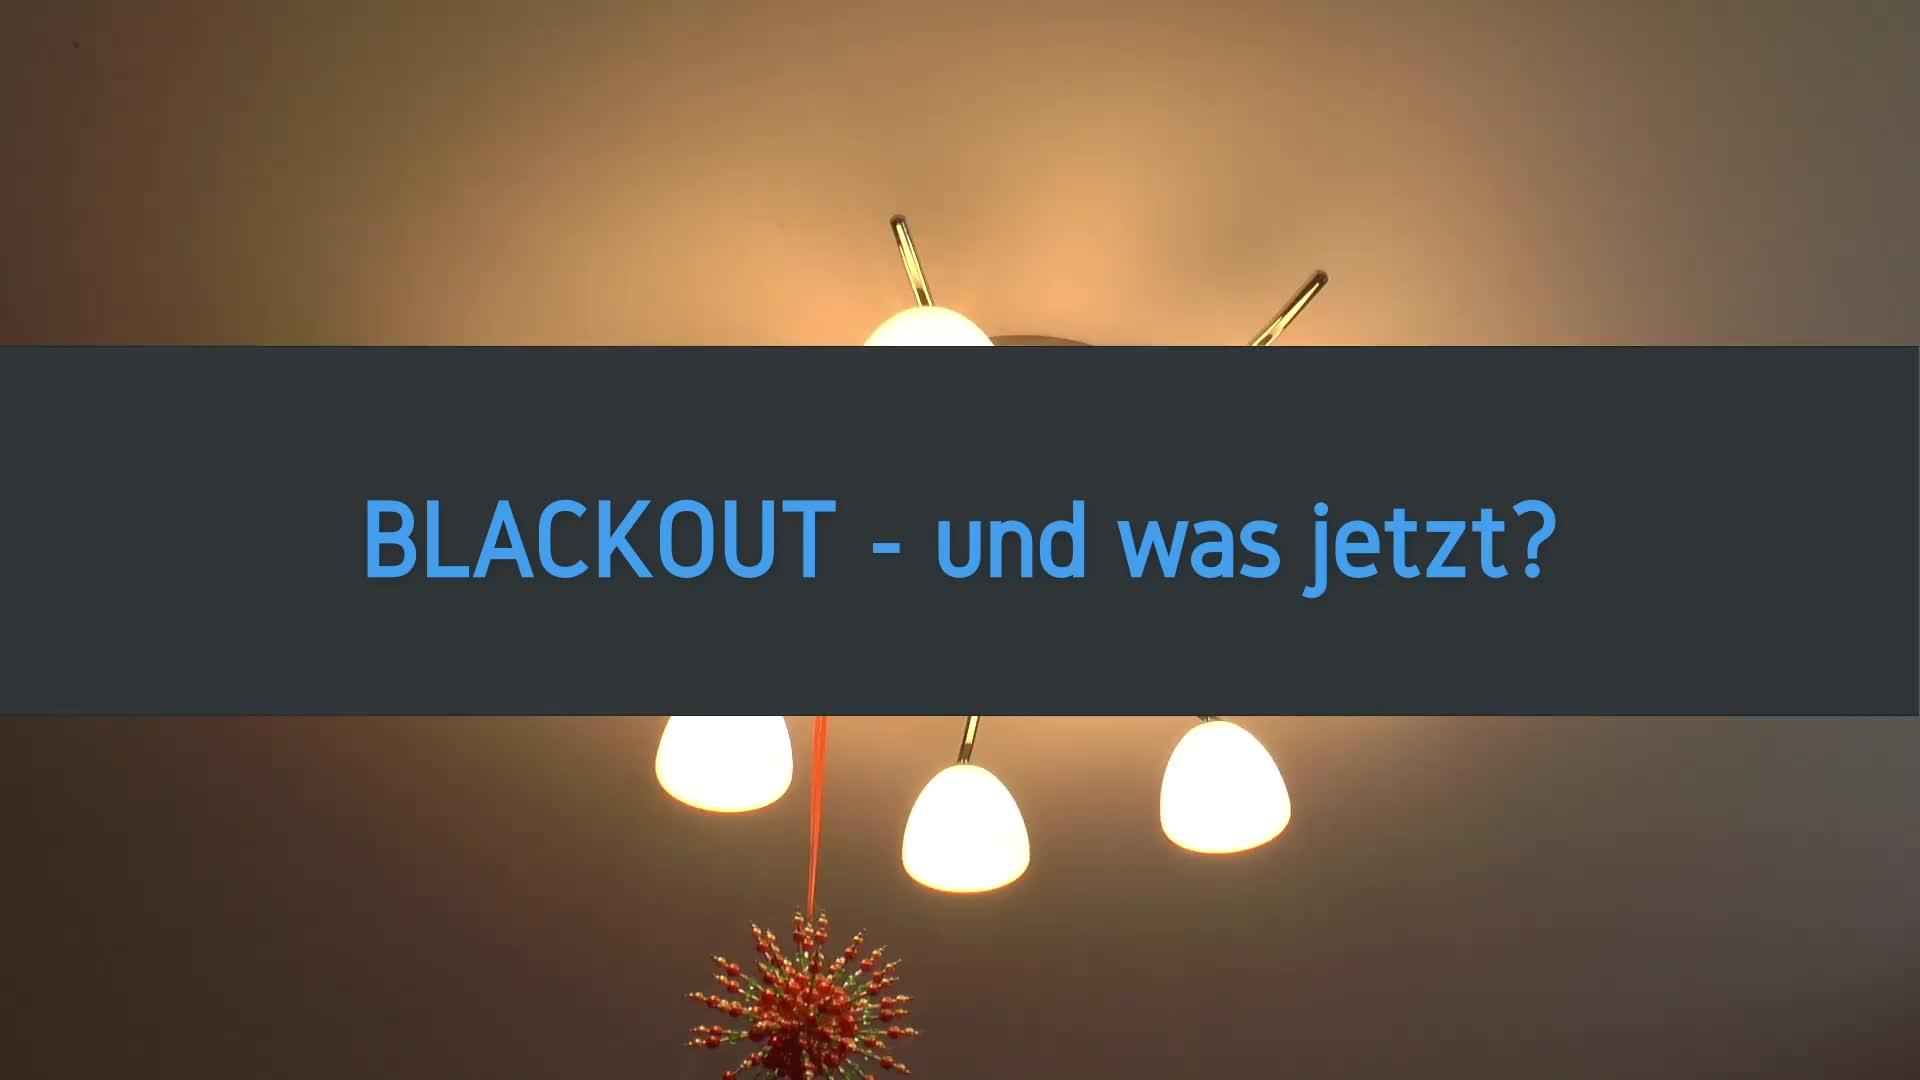 Blackout - und was jetzt?